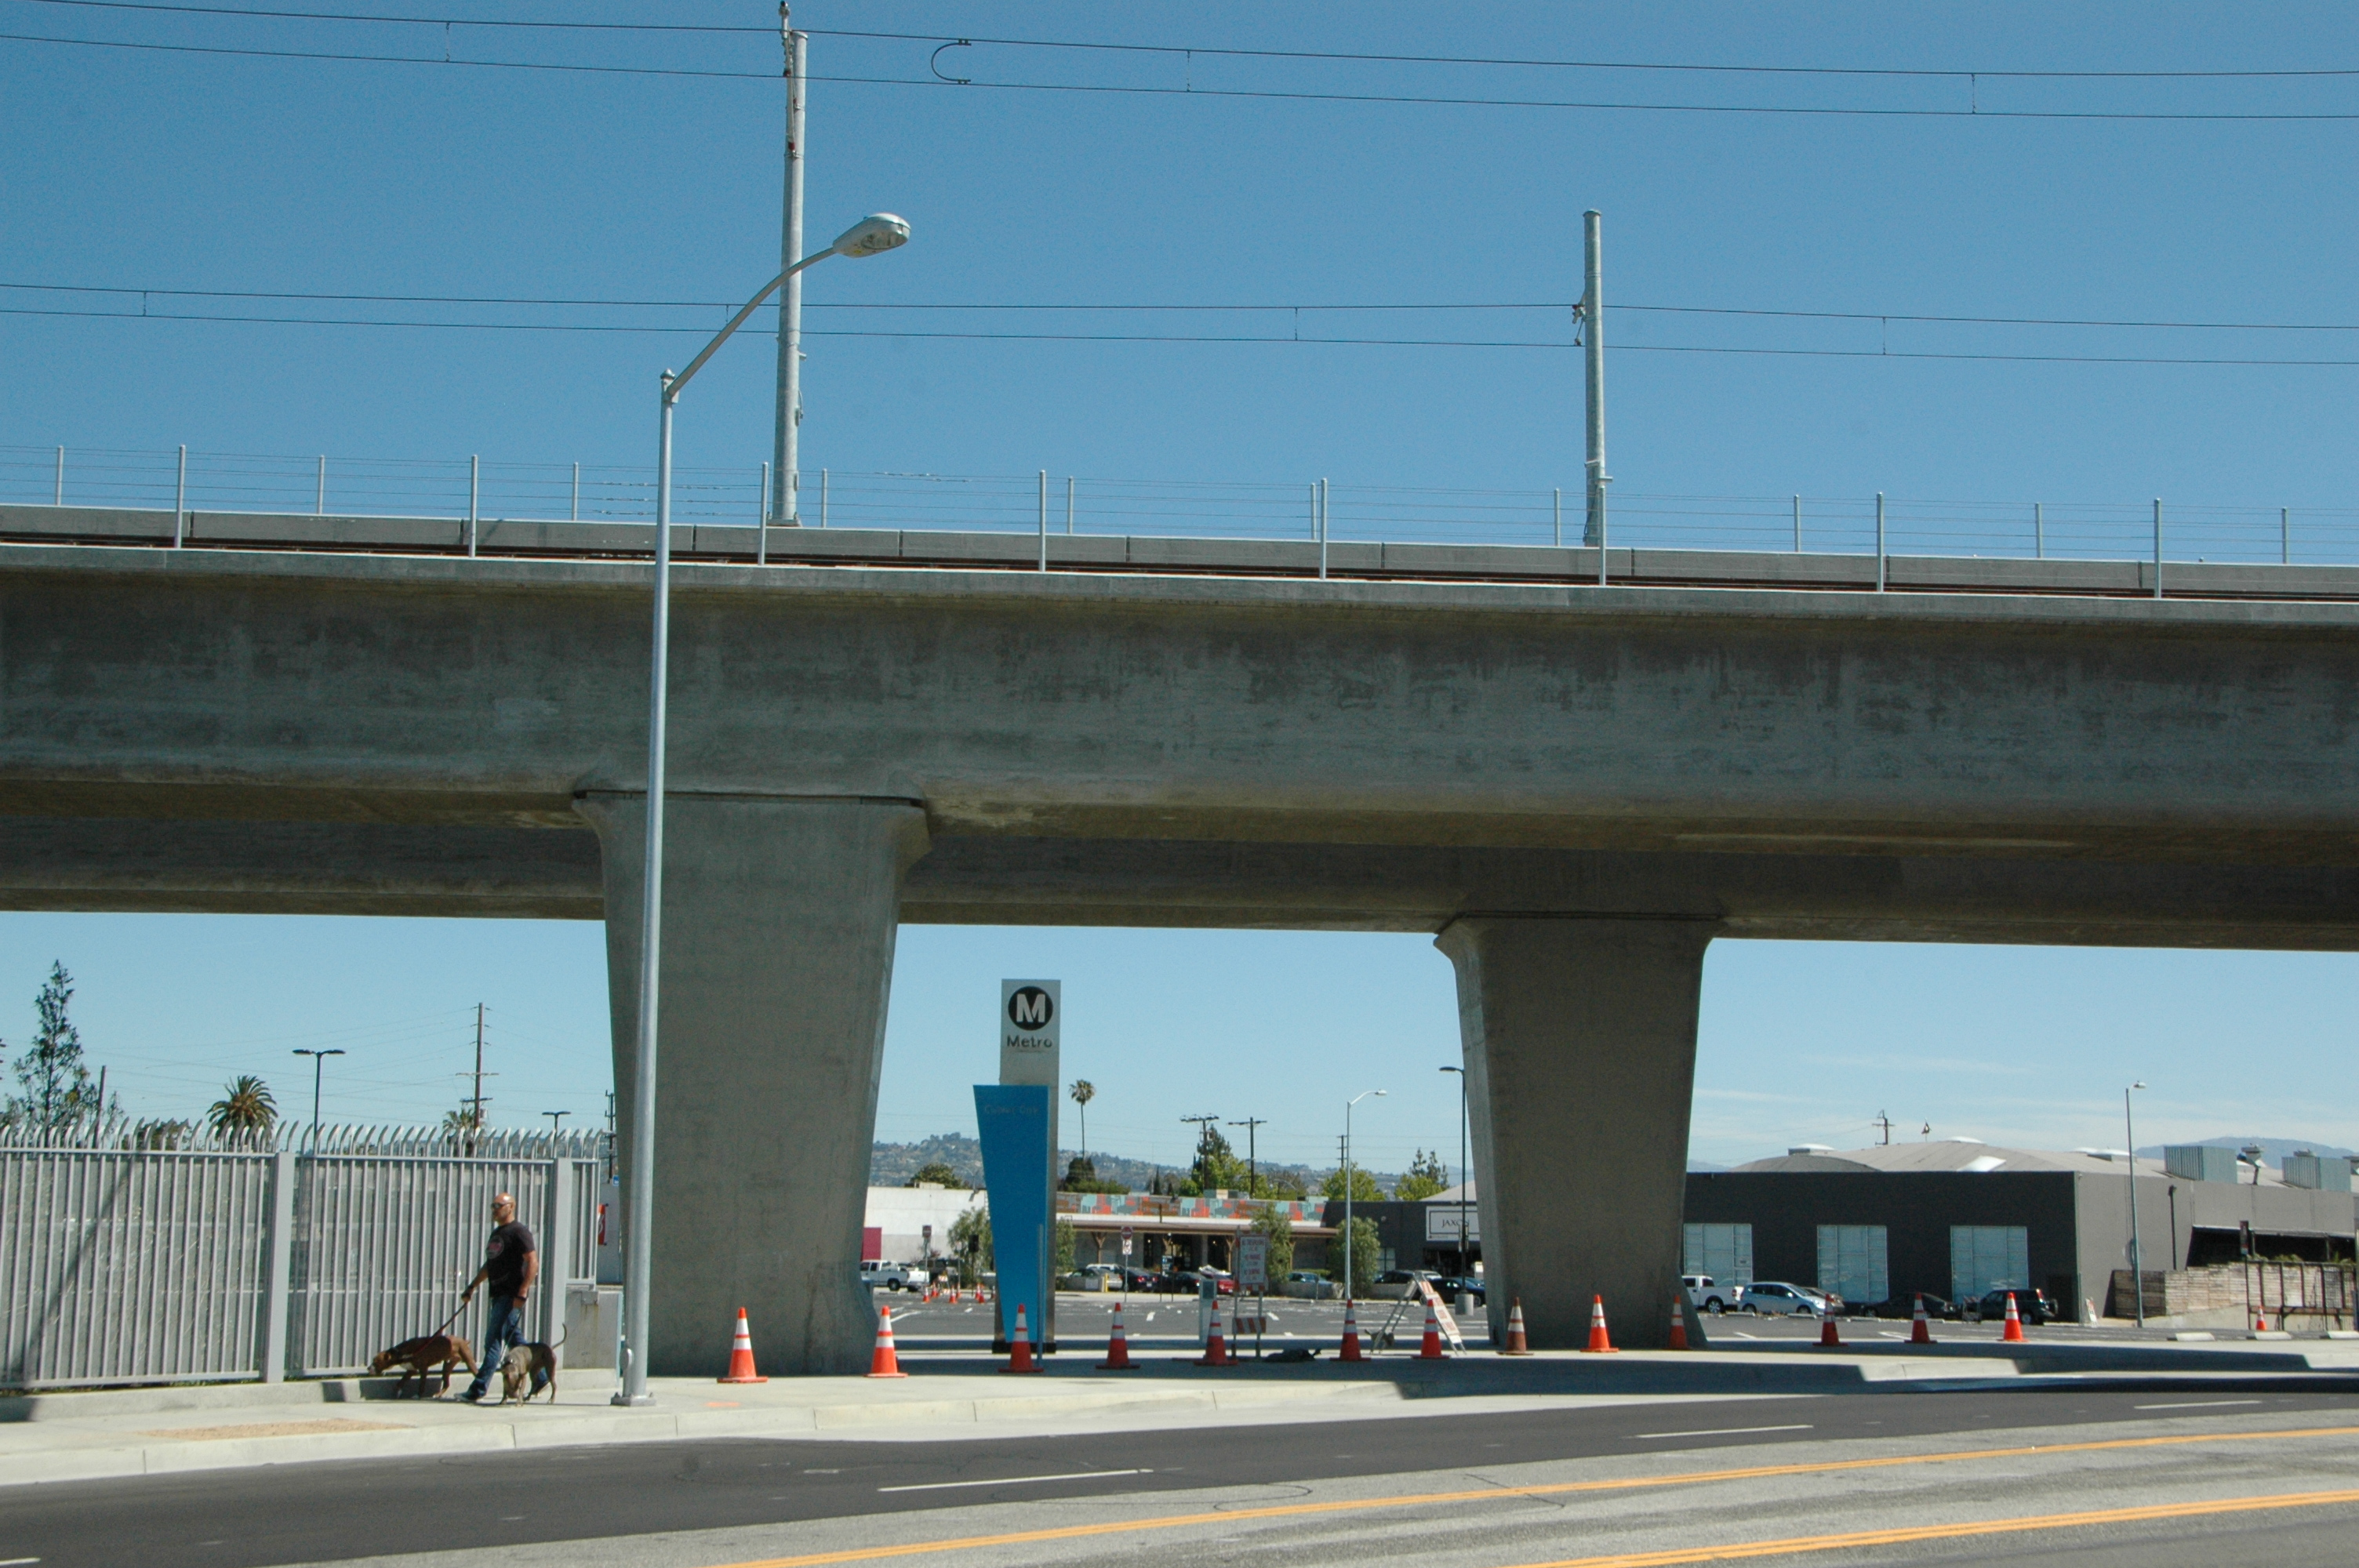 Area en donde se llevará a cabo simulacro de emergencia esta mañana cerca de la estación Culver City. (Foto Anna Chen/El Pasajero).